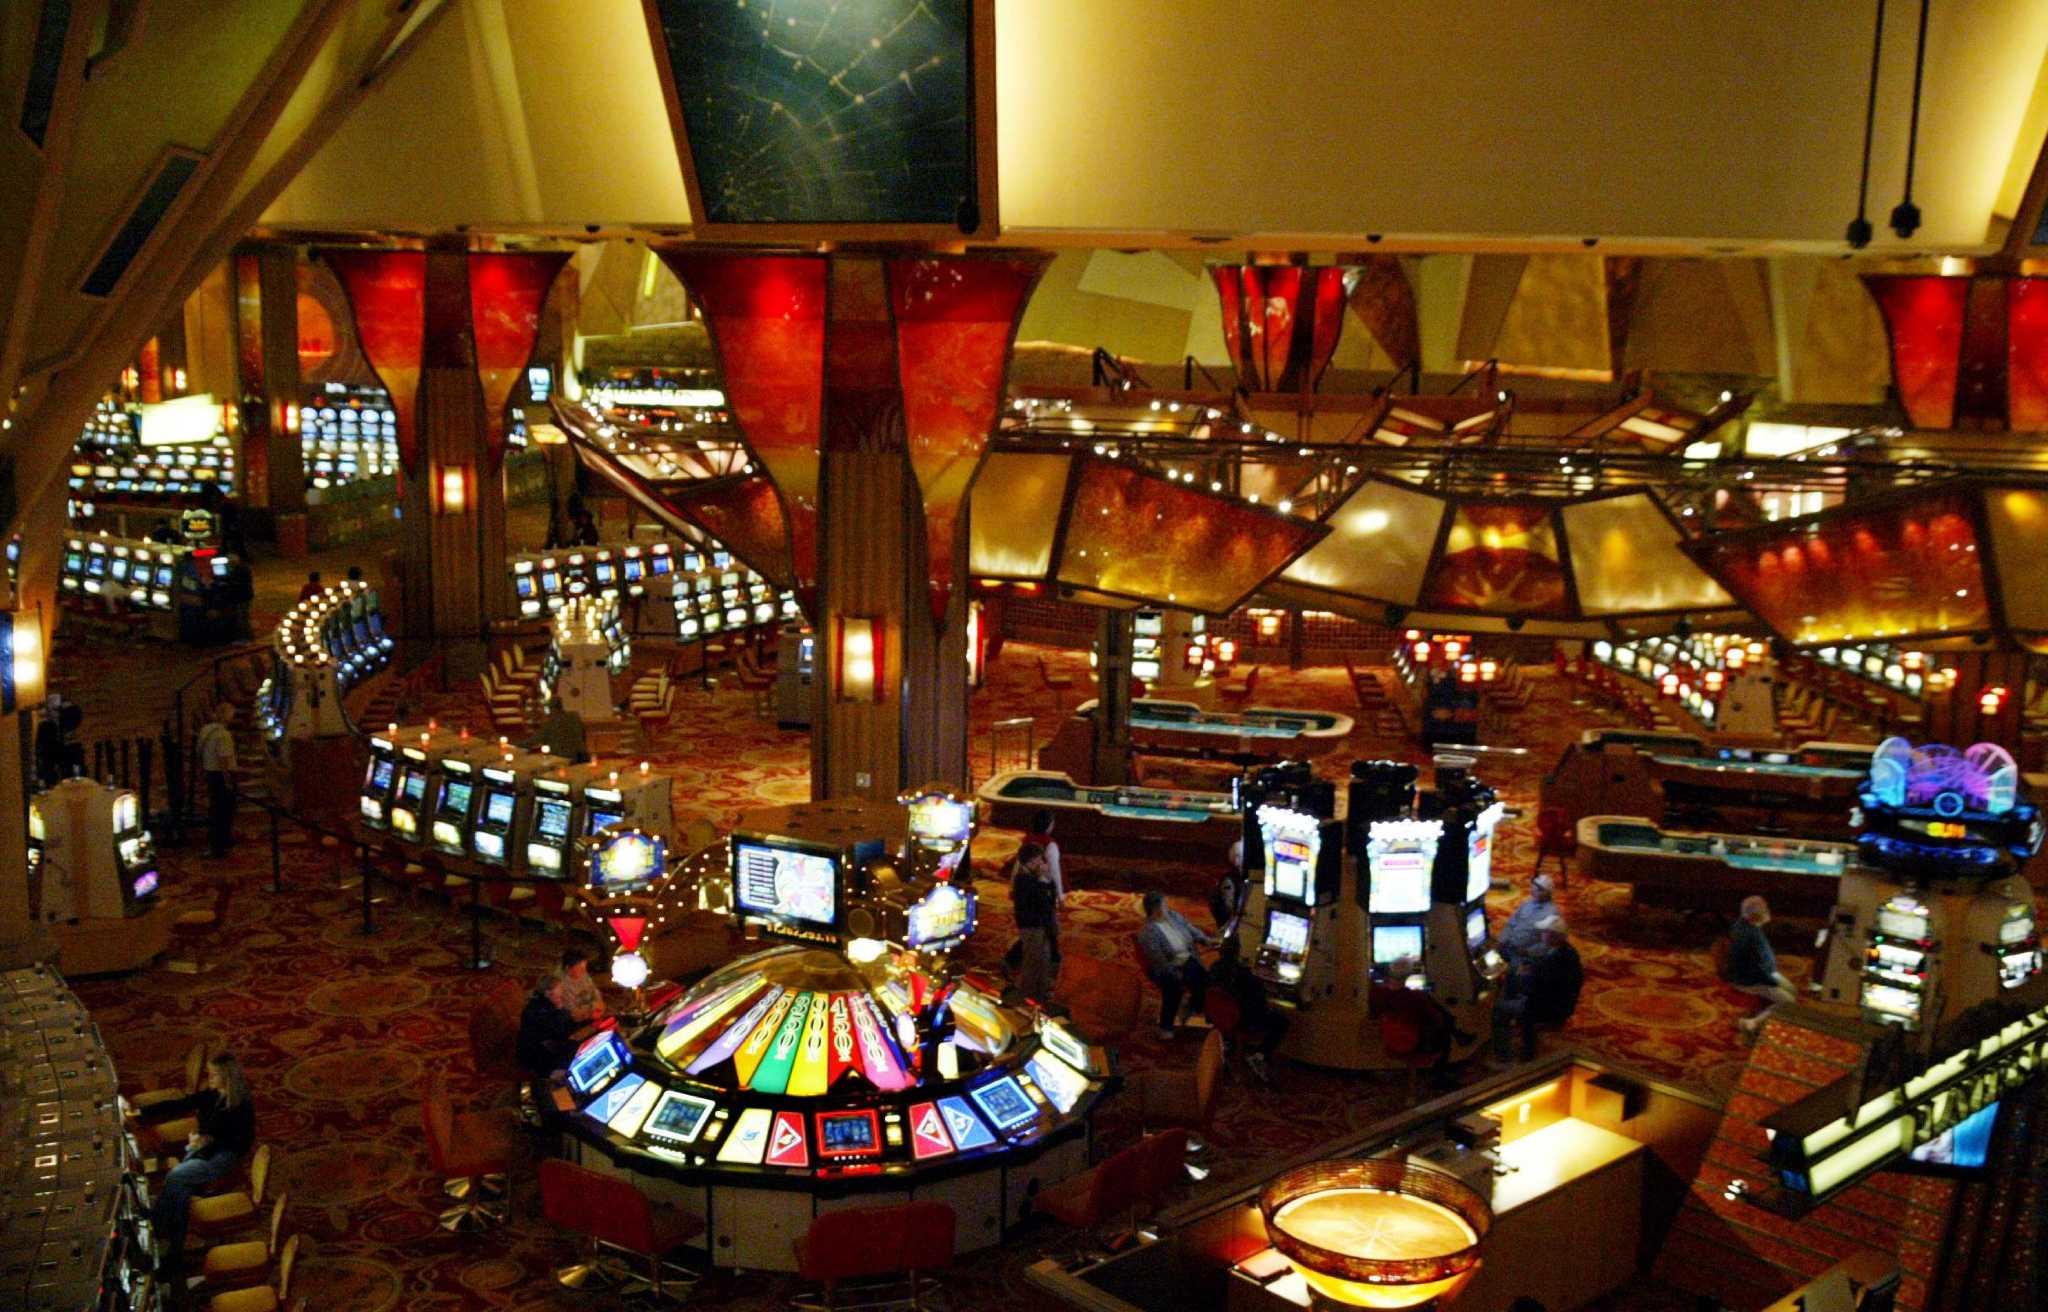 soaring eagle casino mt pleasent mi